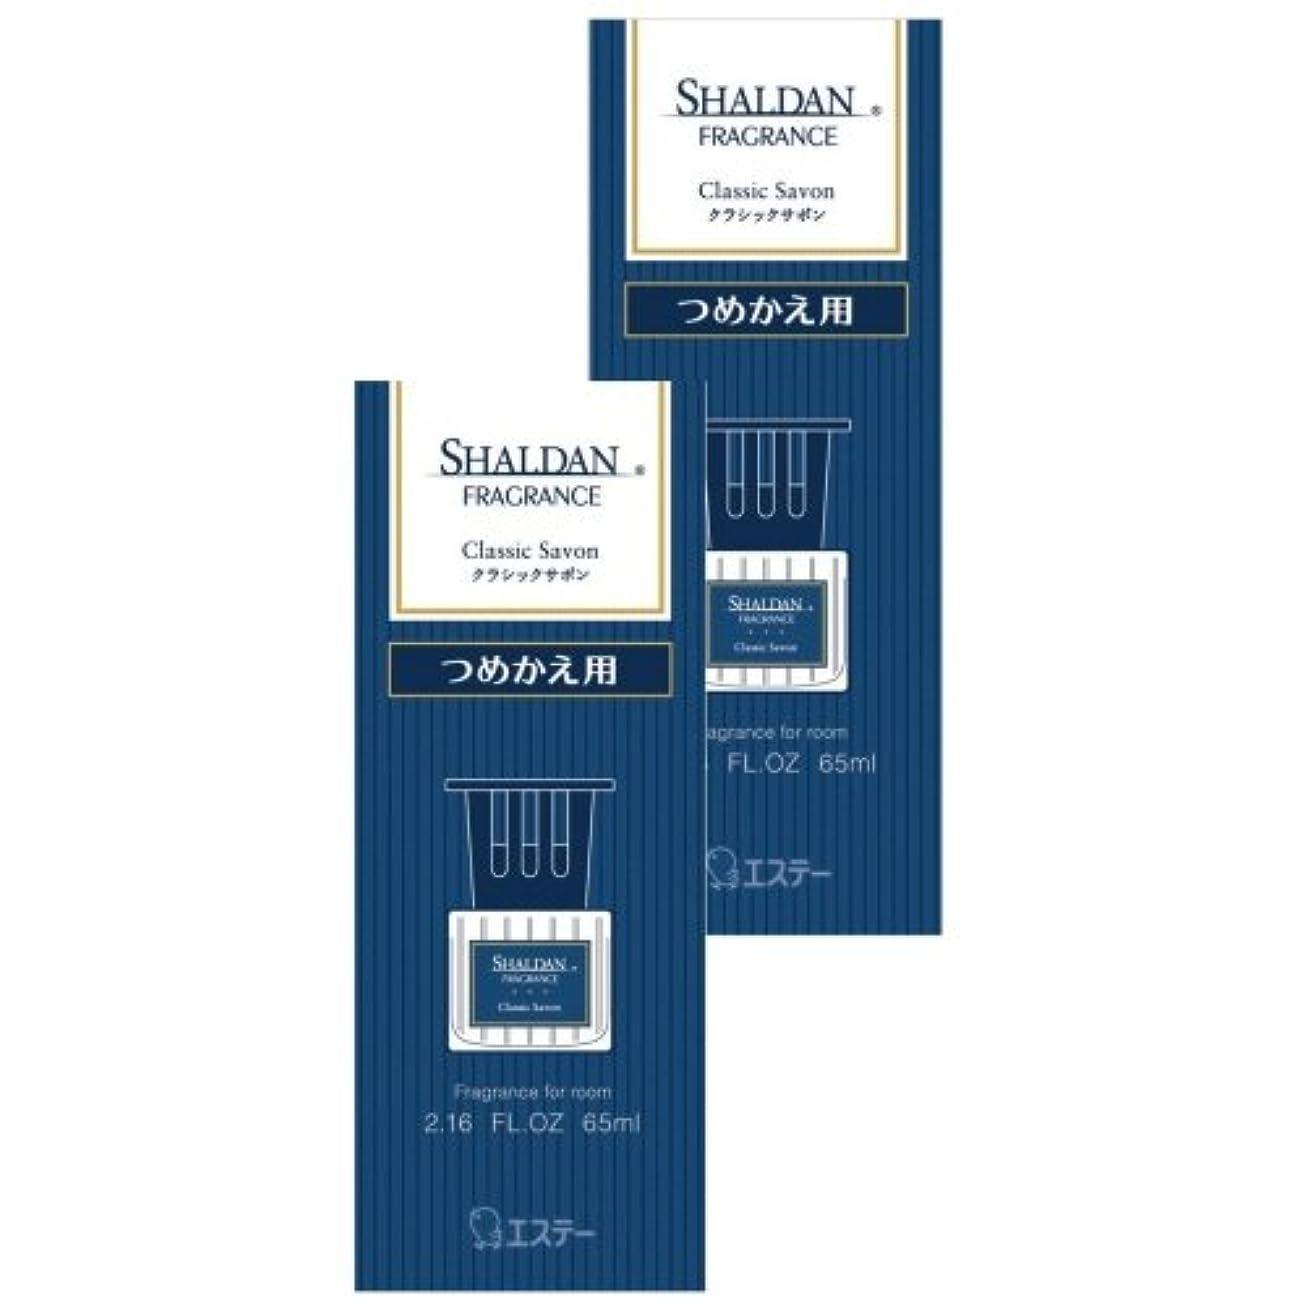 フォーマルスピーチスポット【まとめ買い】 シャルダン SHALDAN フレグランス 消臭芳香剤 部屋用 つめかえ クラシックサボン 65ml×2個